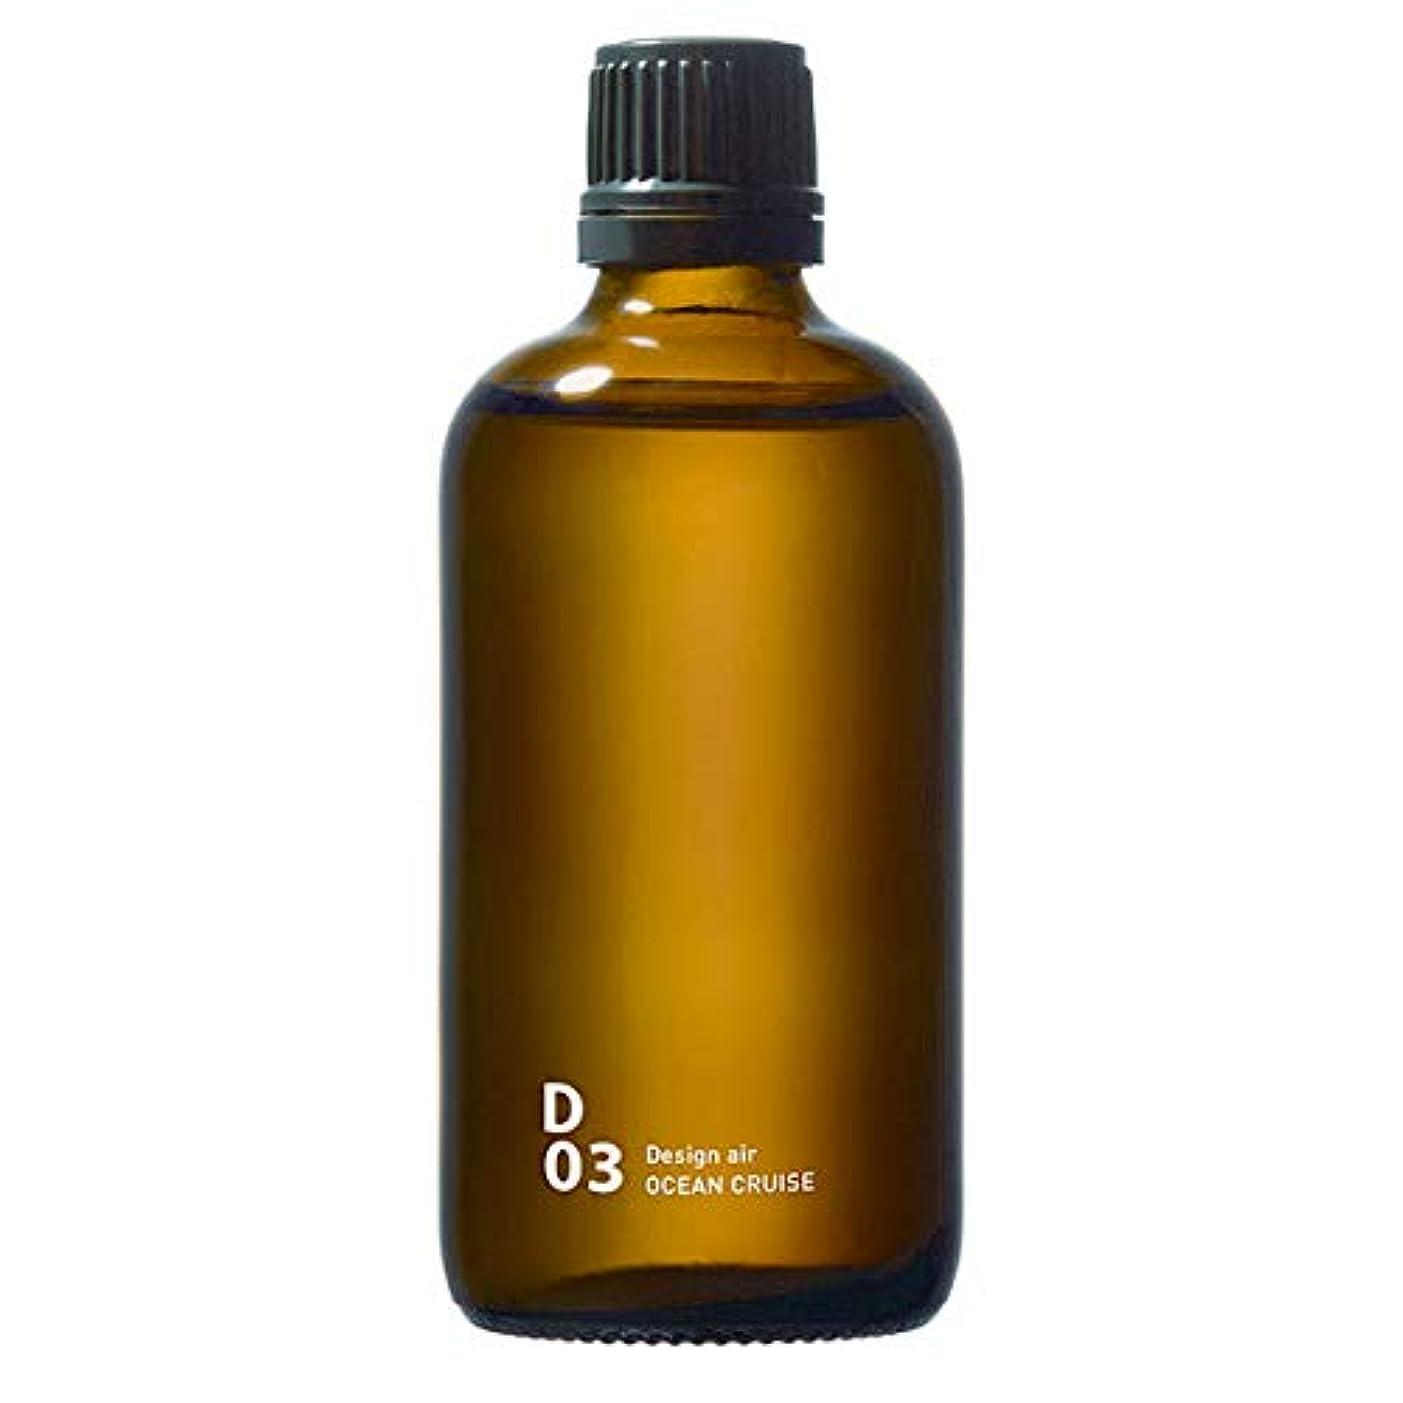 ヘクタール十一慈悲D03 OCEAN CRUISE piezo aroma oil 100ml